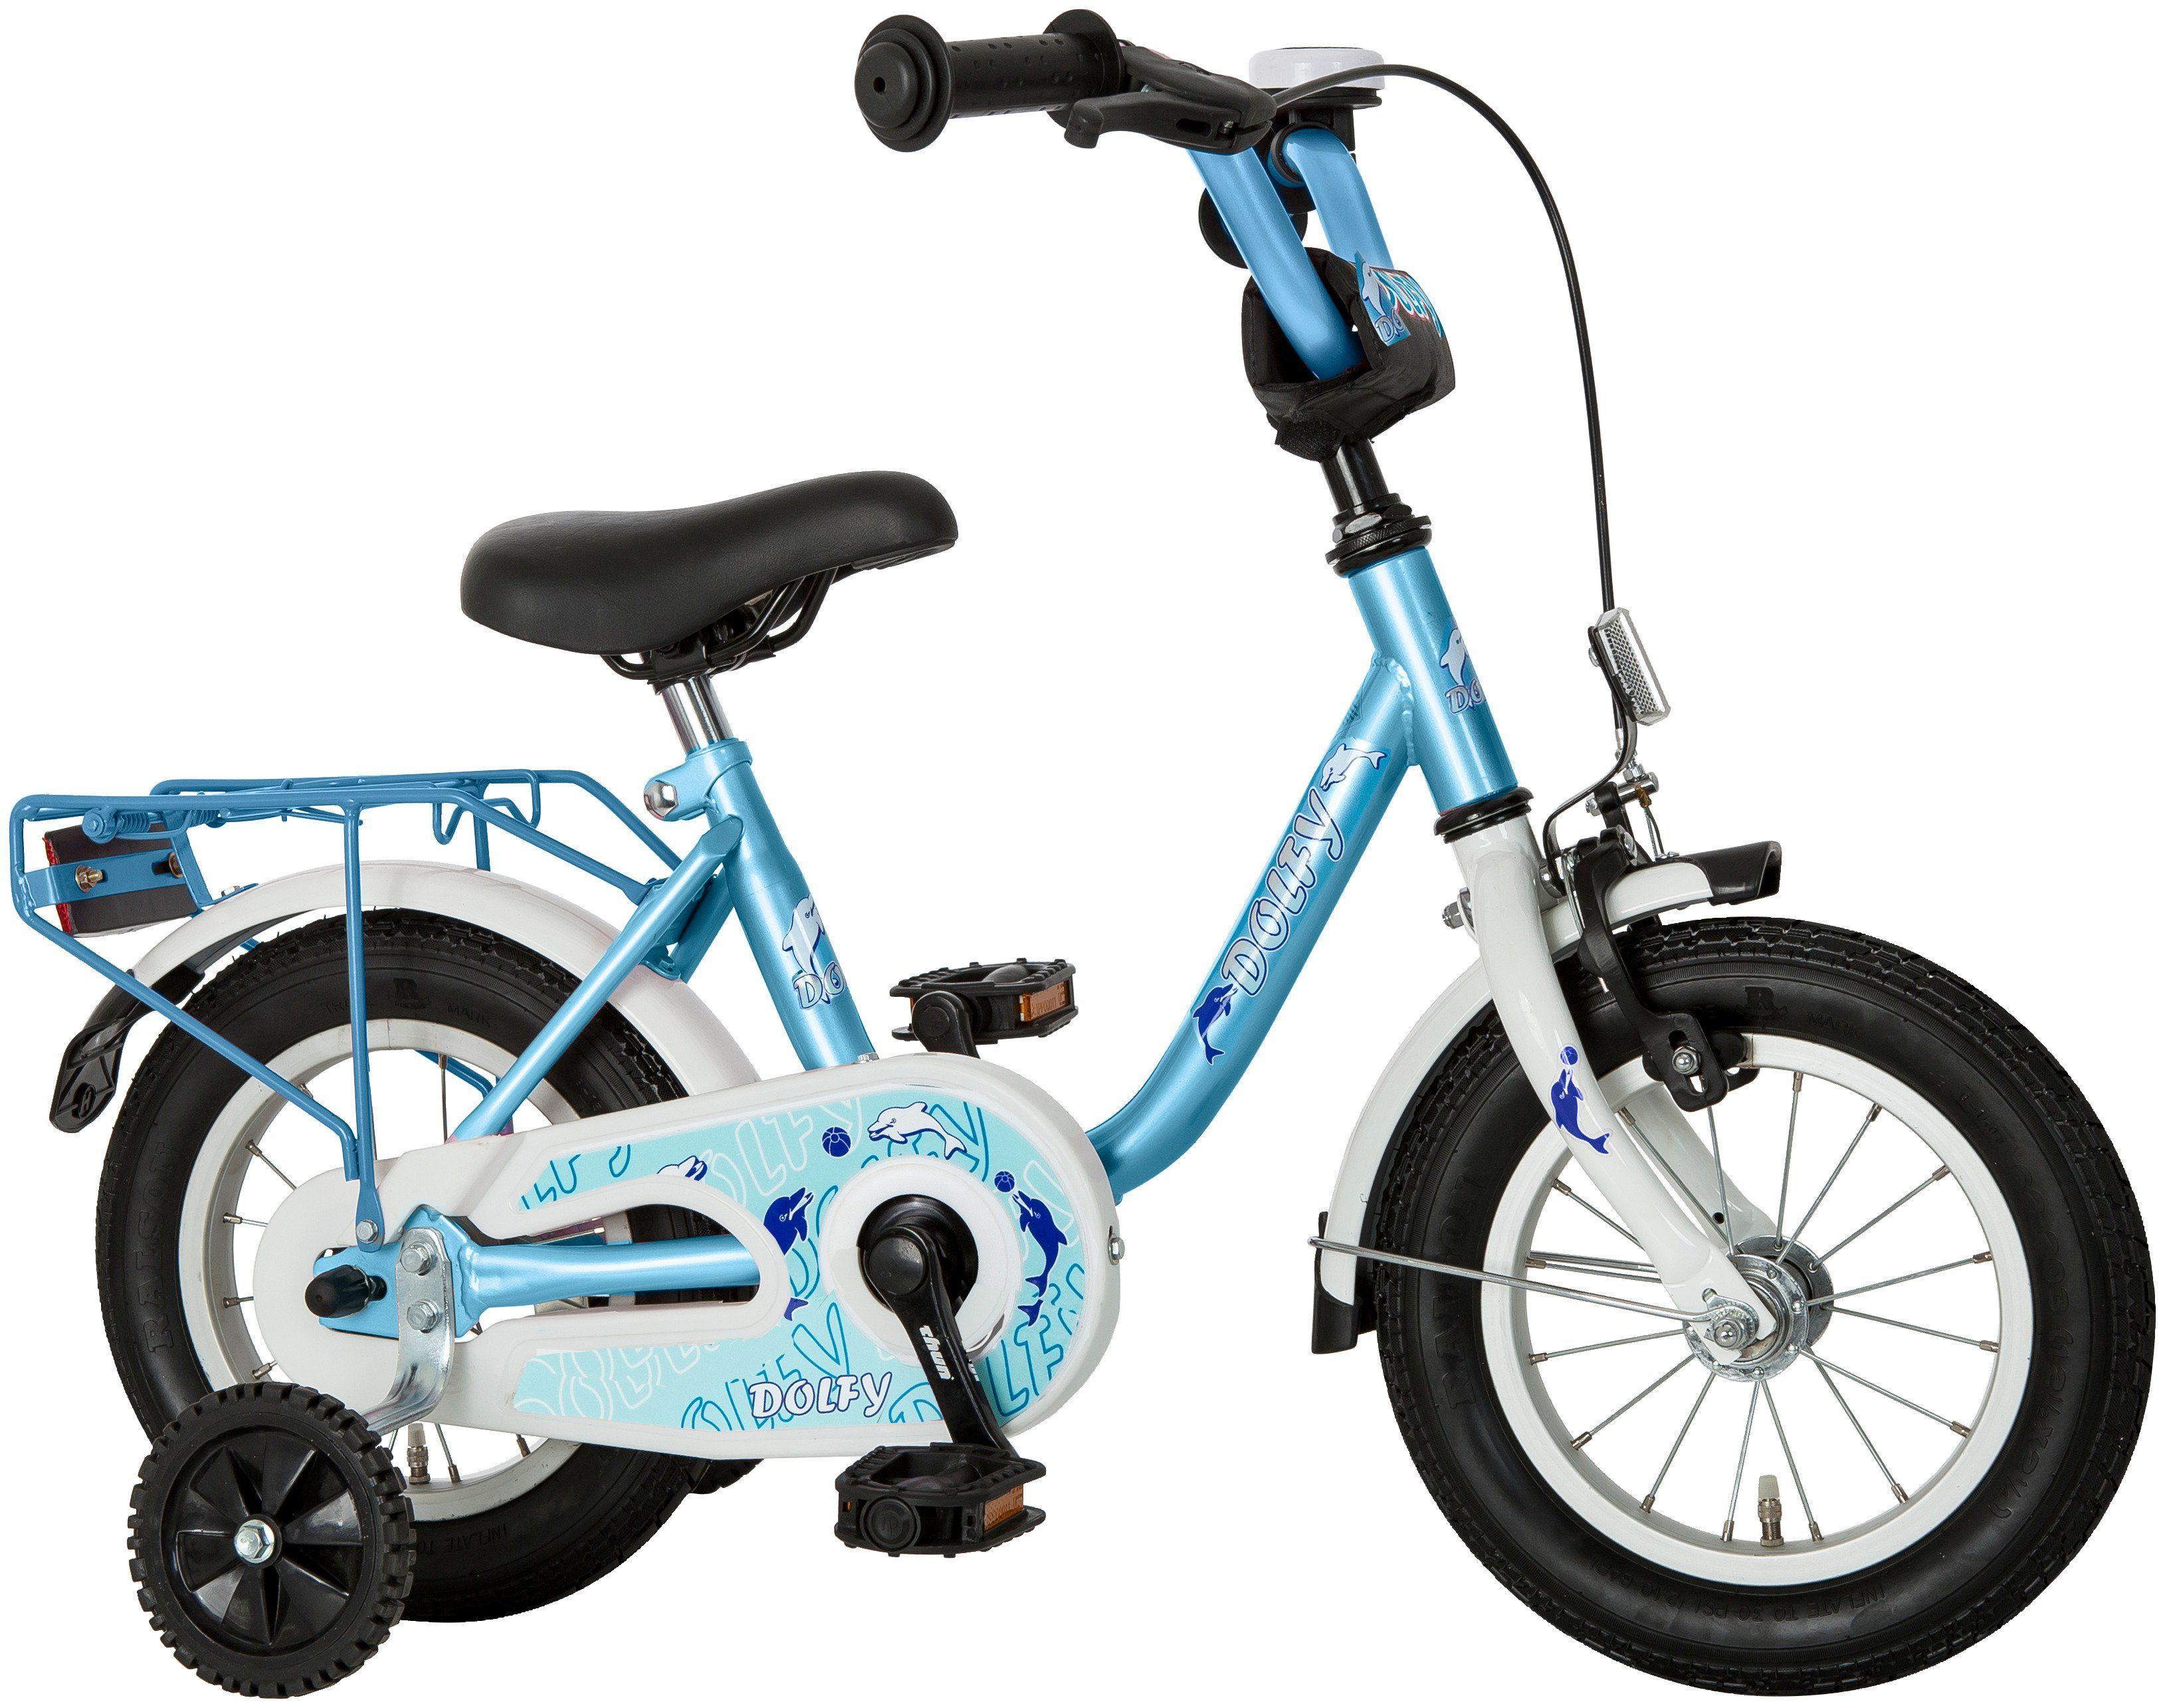 Cycles4Kids Kinderfahrrad »Dolfy, 31,75 cm (12,5 Zoll)«